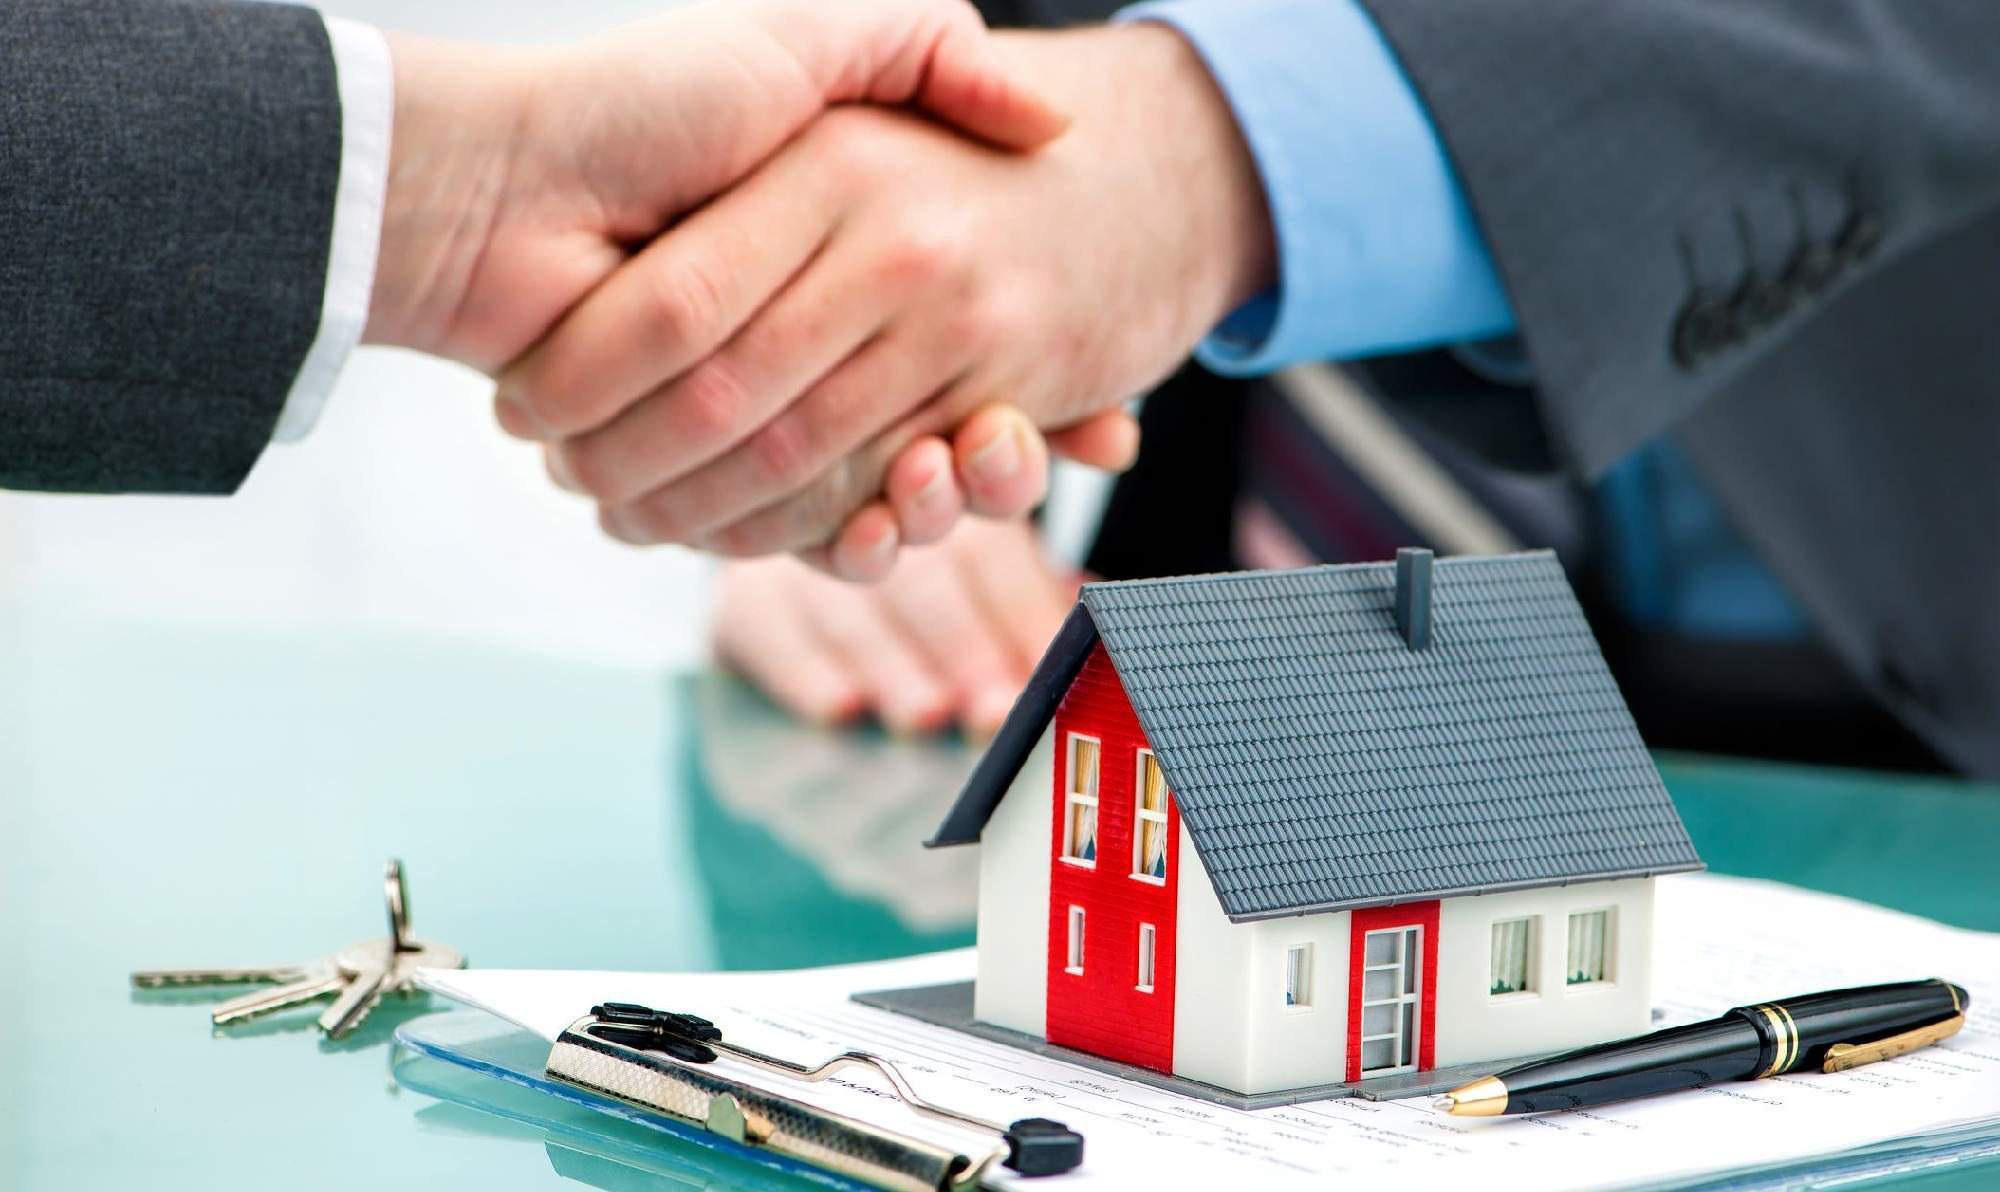 Làm thế nào để mua nhà khi giá nhà ngày càng tăng cao